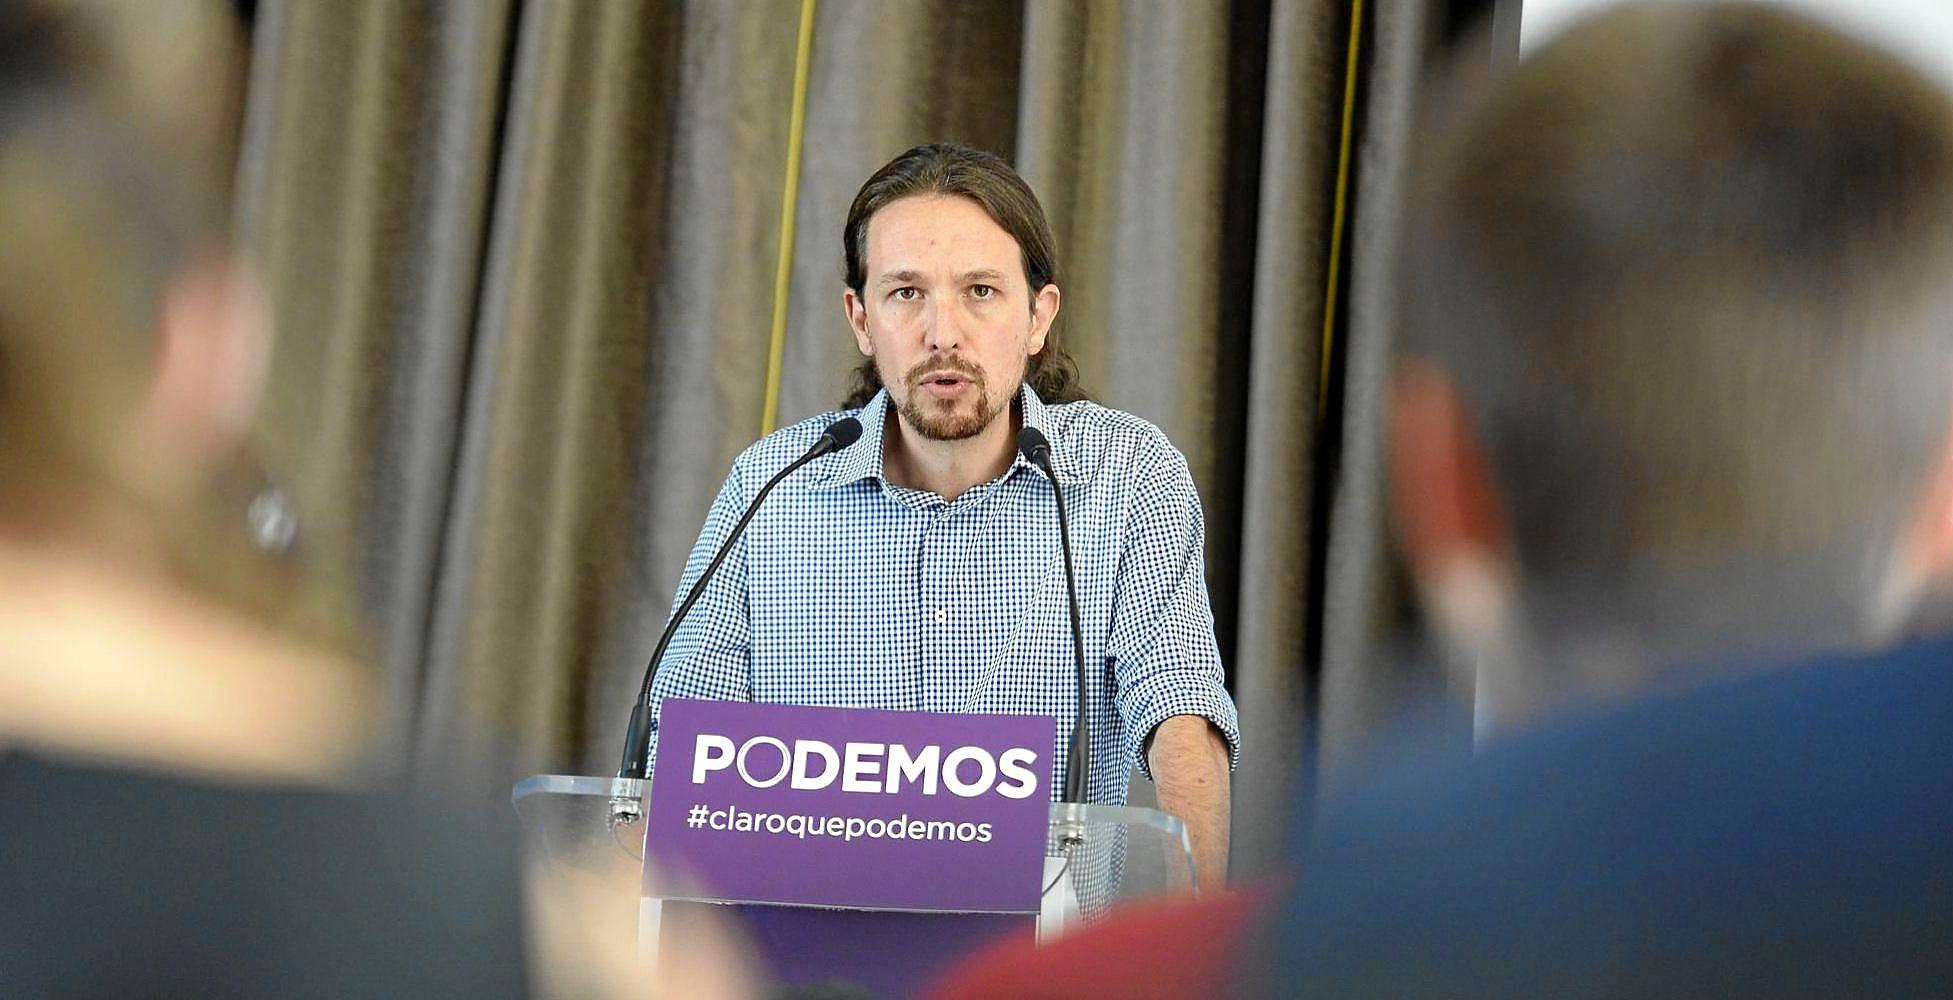 SPAIN-EU-PODEMOS